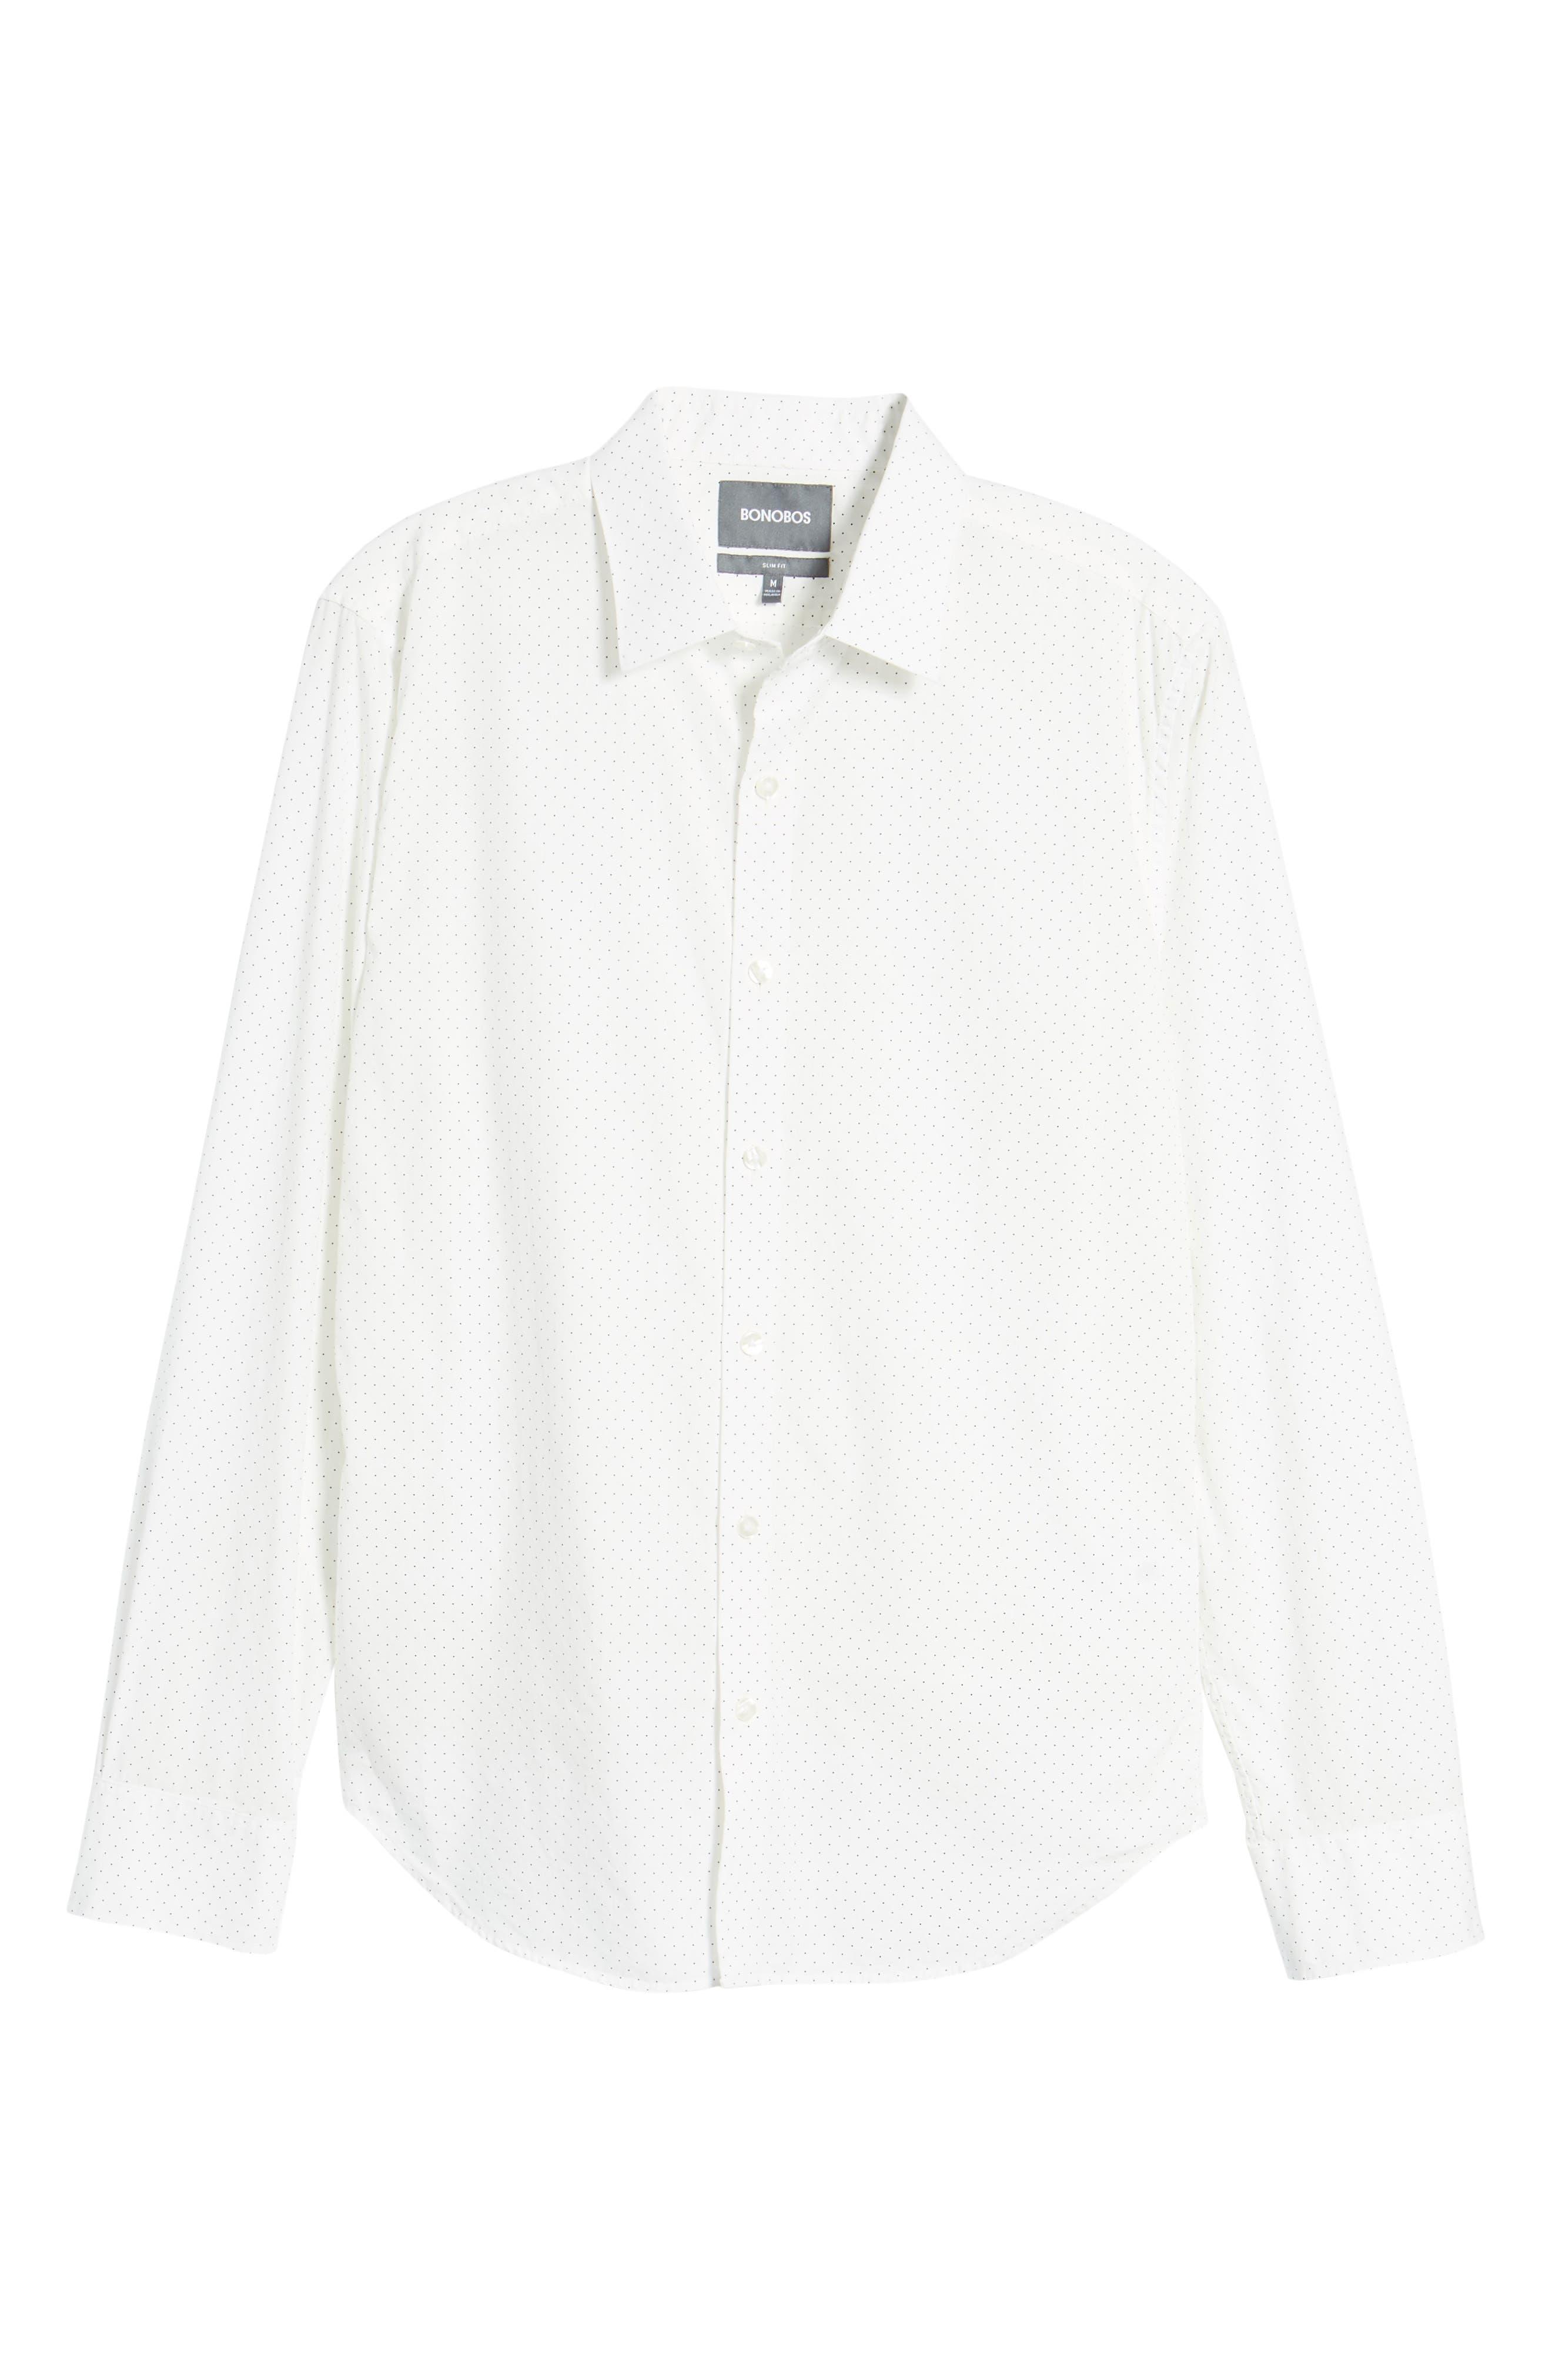 Unbutton Down 2.0 Slim Fit Dot Sport Shirt,                             Alternate thumbnail 6, color,                             100